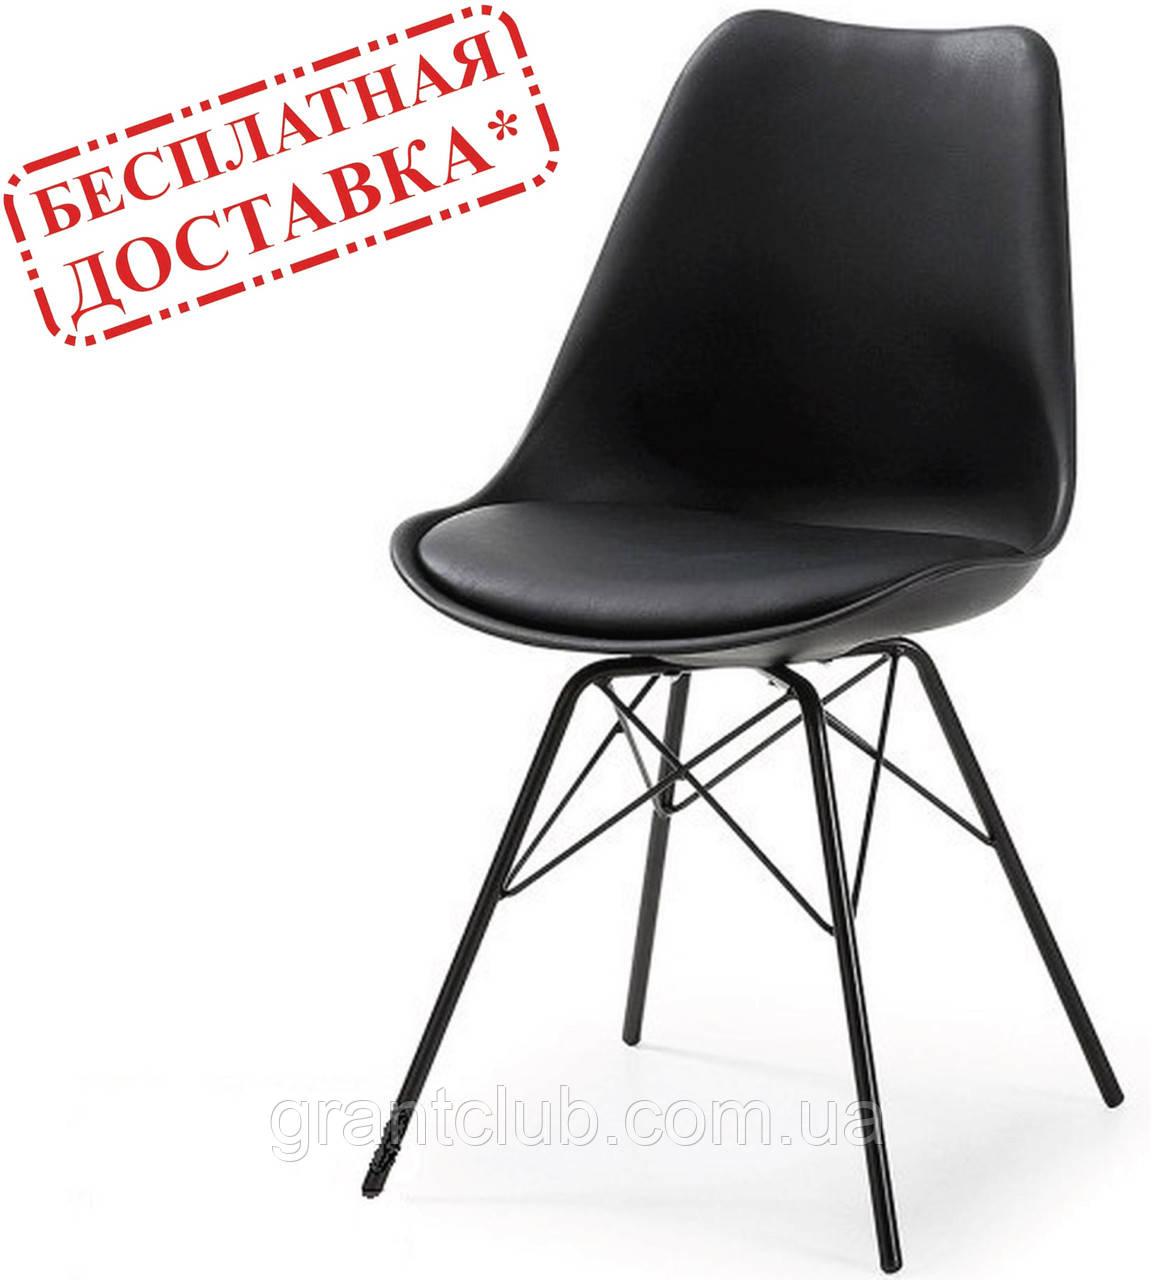 Стул Тау мягкий черный пластик ножки металл СДМ группа (бесплатная доставка)